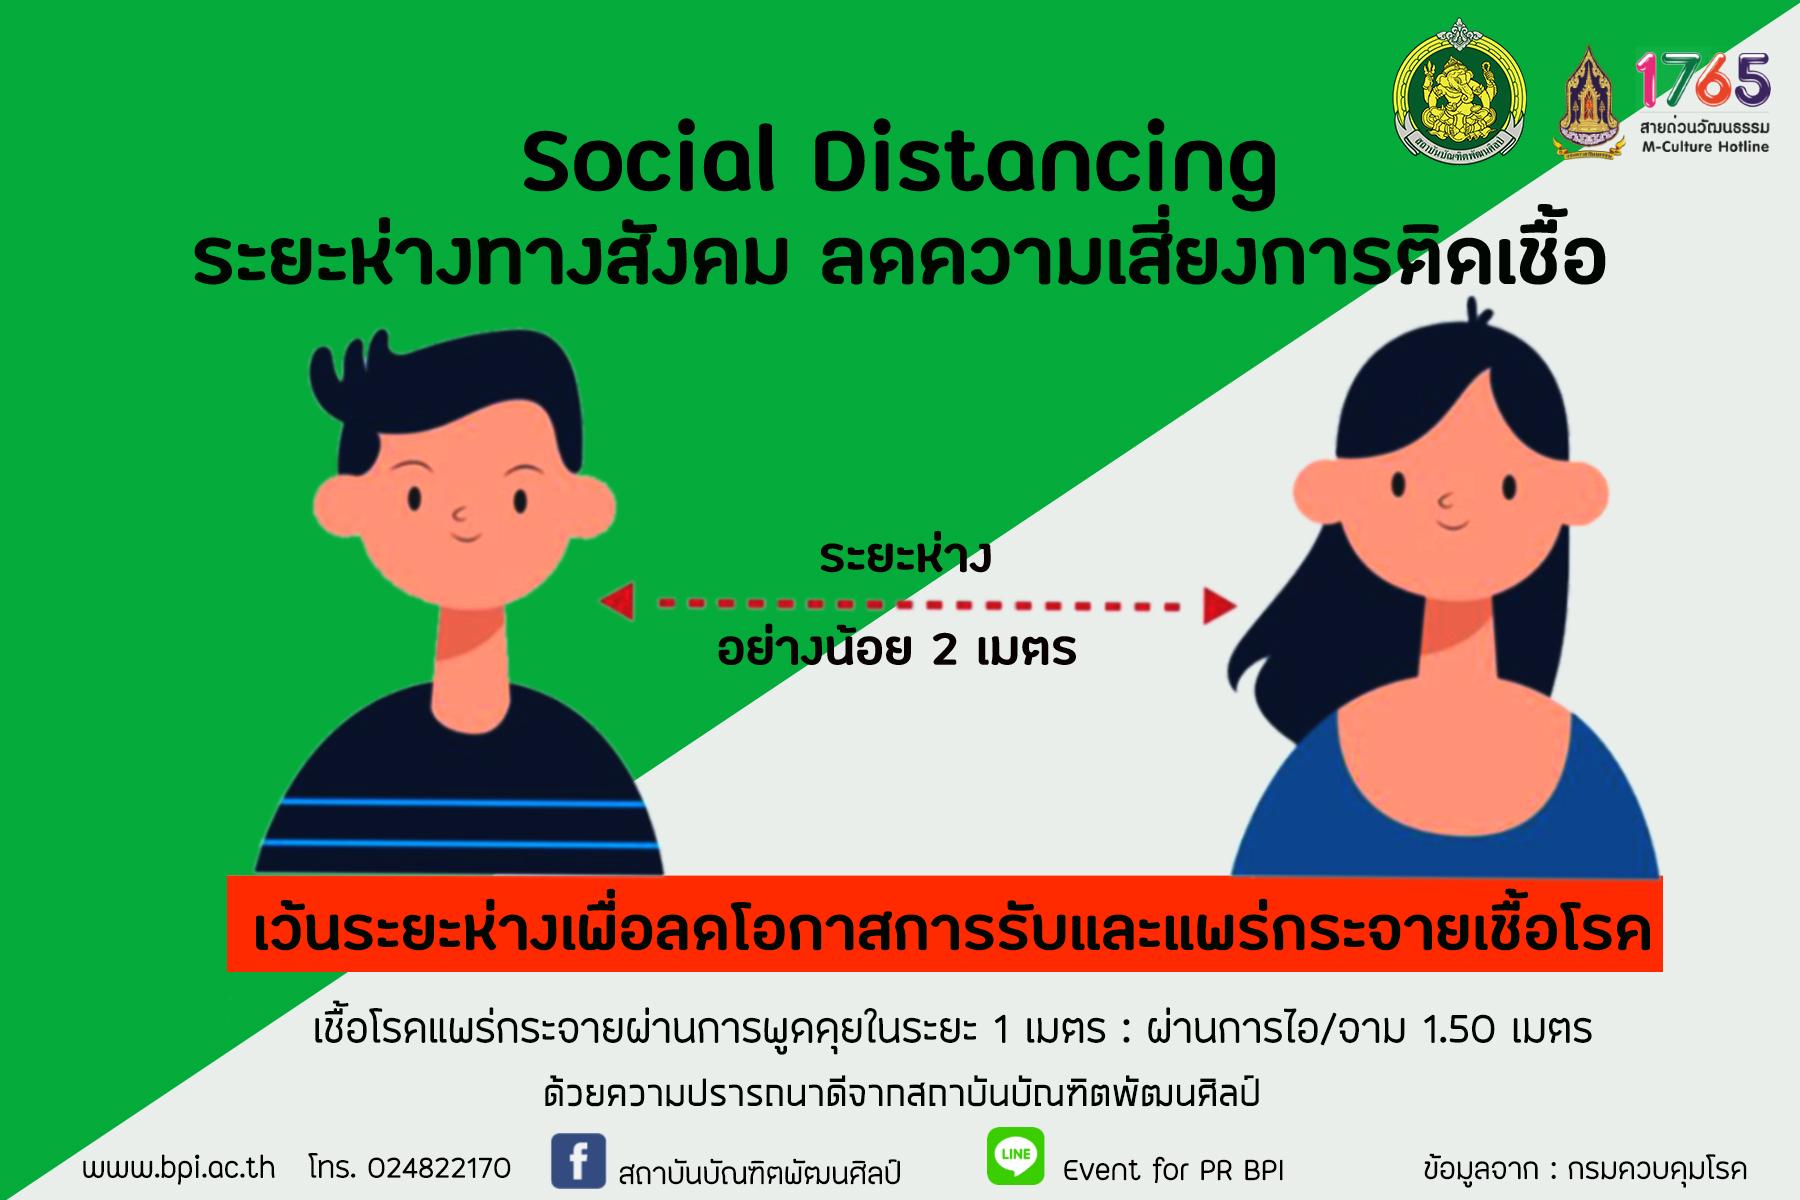 Social Distancing ระยะห่างทางสังคม ลดความเสี่ยงการติดเชื้อ